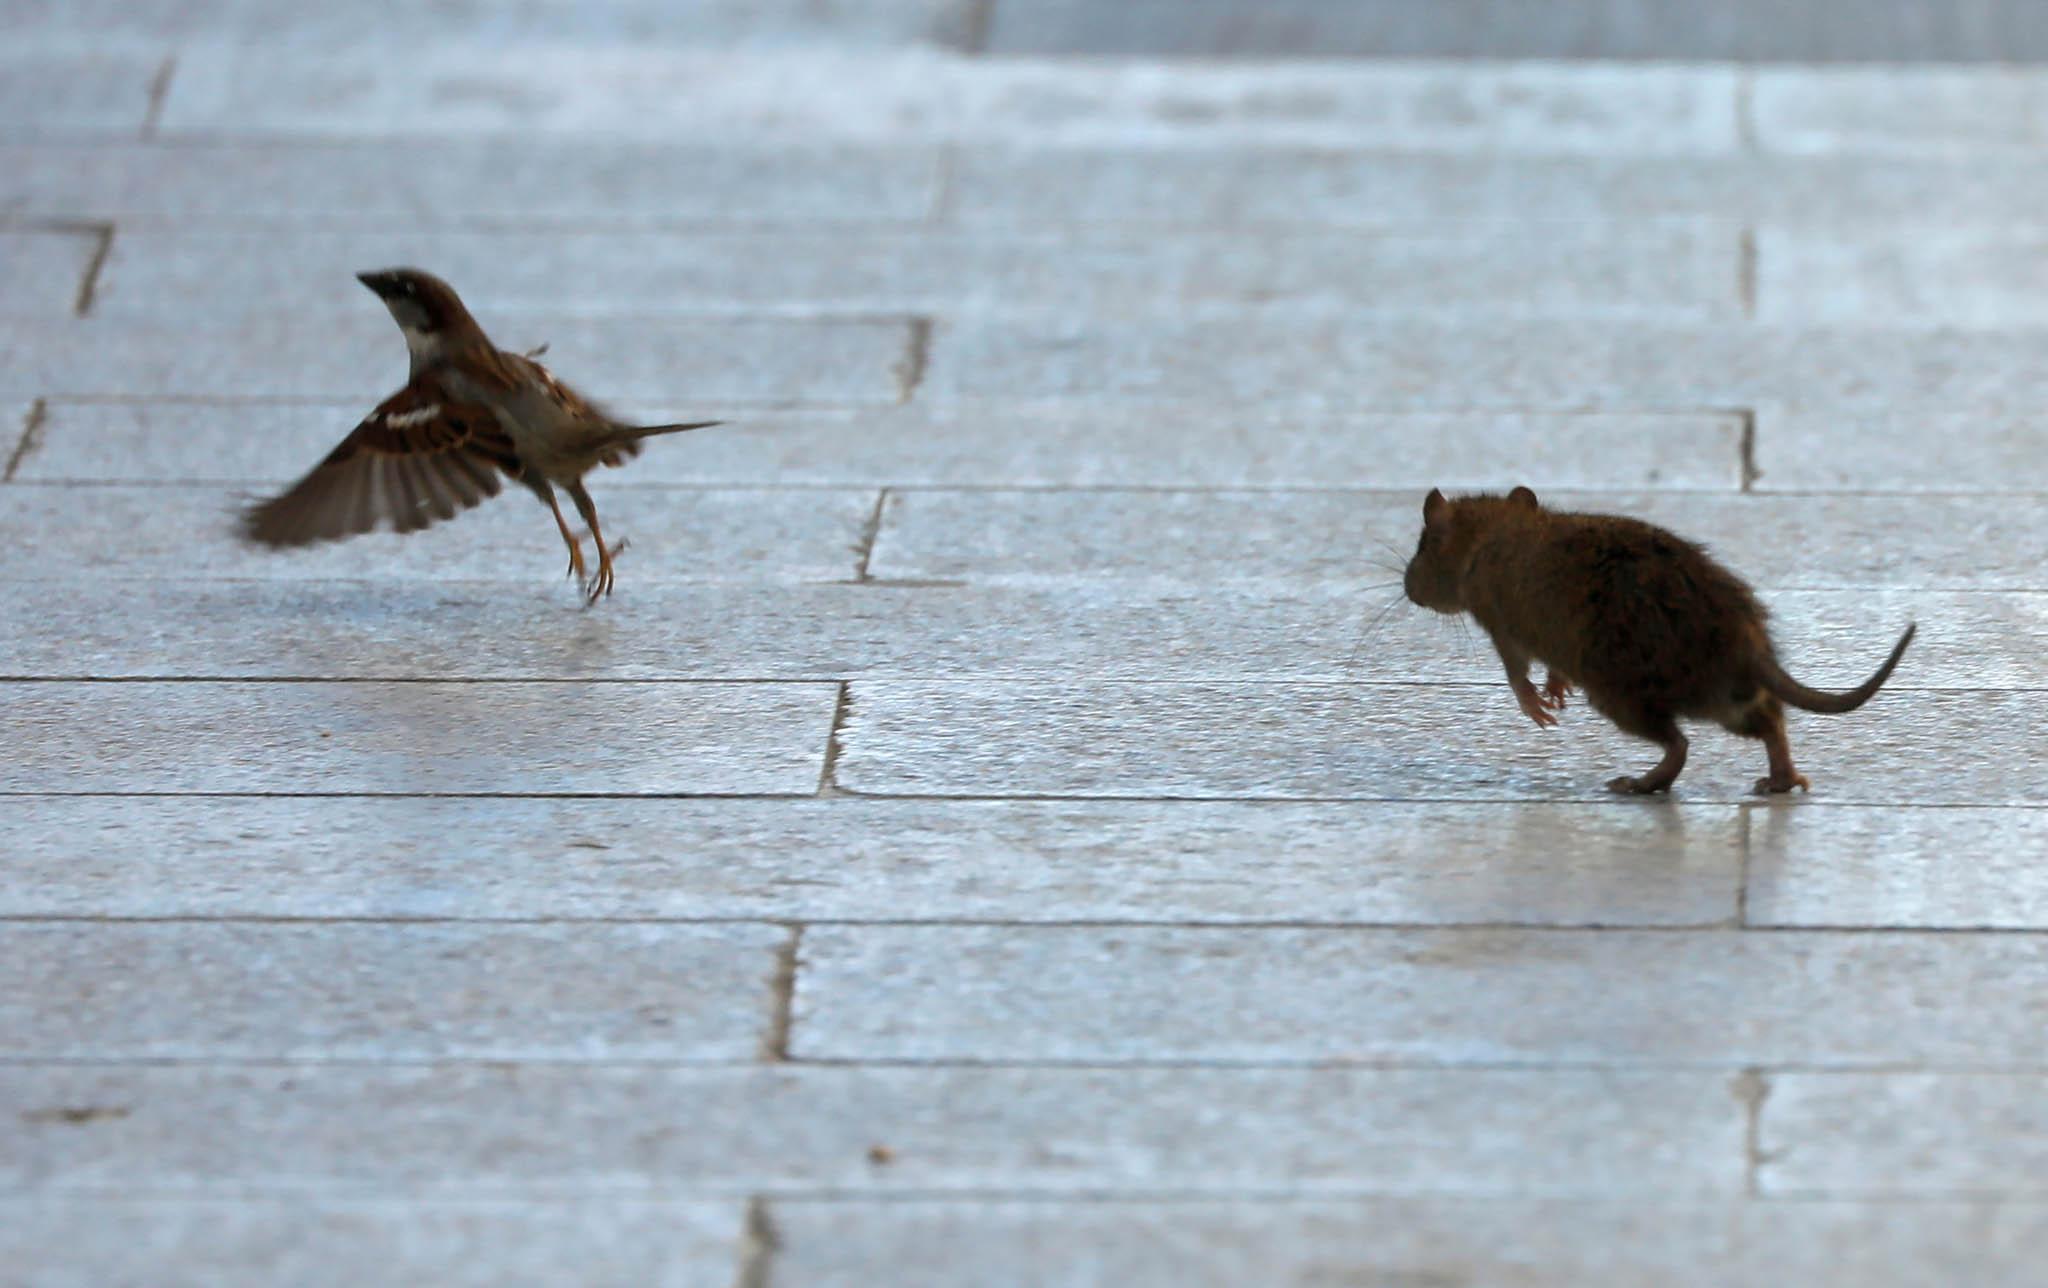 VNew Yorku jsou krysí kolonie, které sejiž pogenerace spoléhají nazásoby vyhozeného jídla, jež seobjevují každou noc vpopelnicích urestaurací. Nyní kvůli restrikcím spojeným skoronavirem tento zdroj potravy vysc...